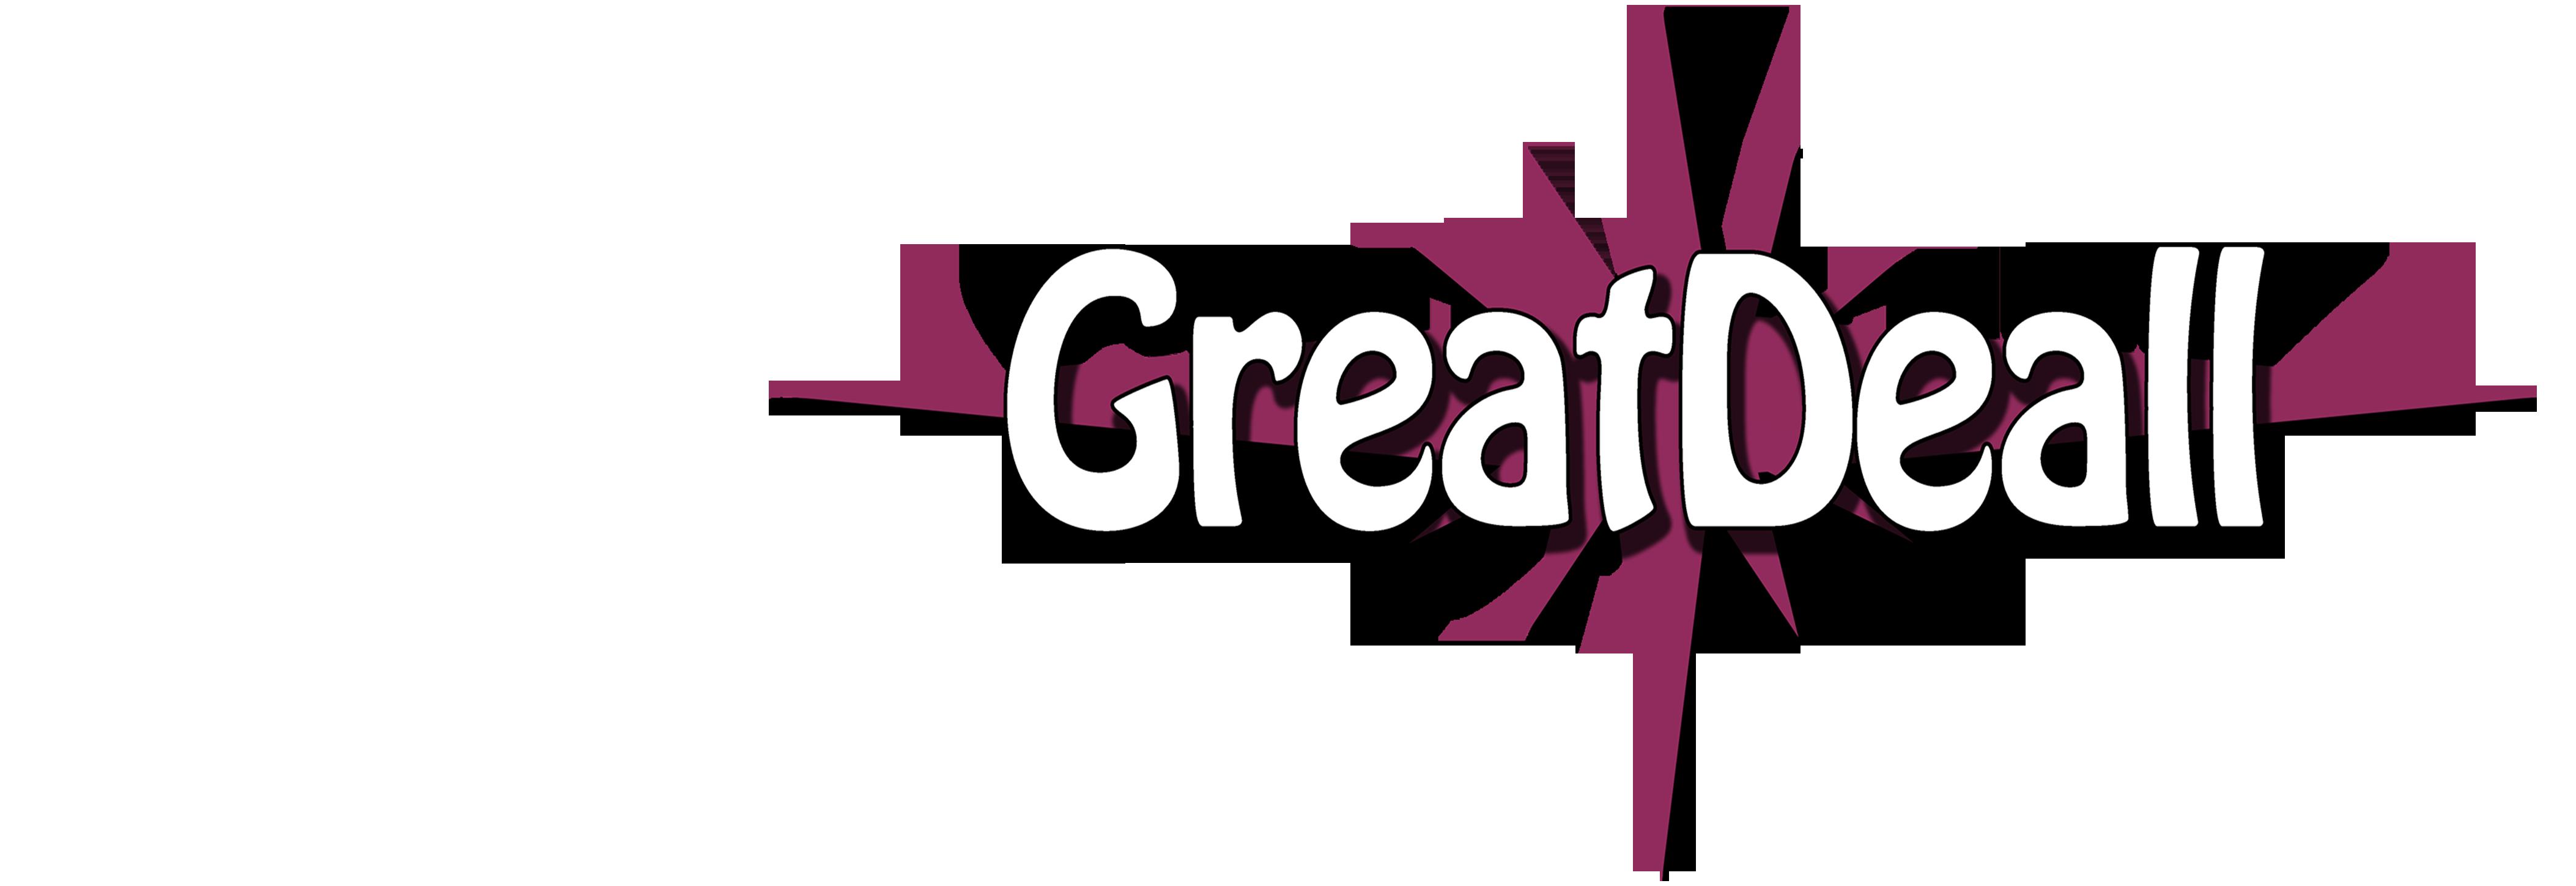 GreatDeall - Your Life Your Choice